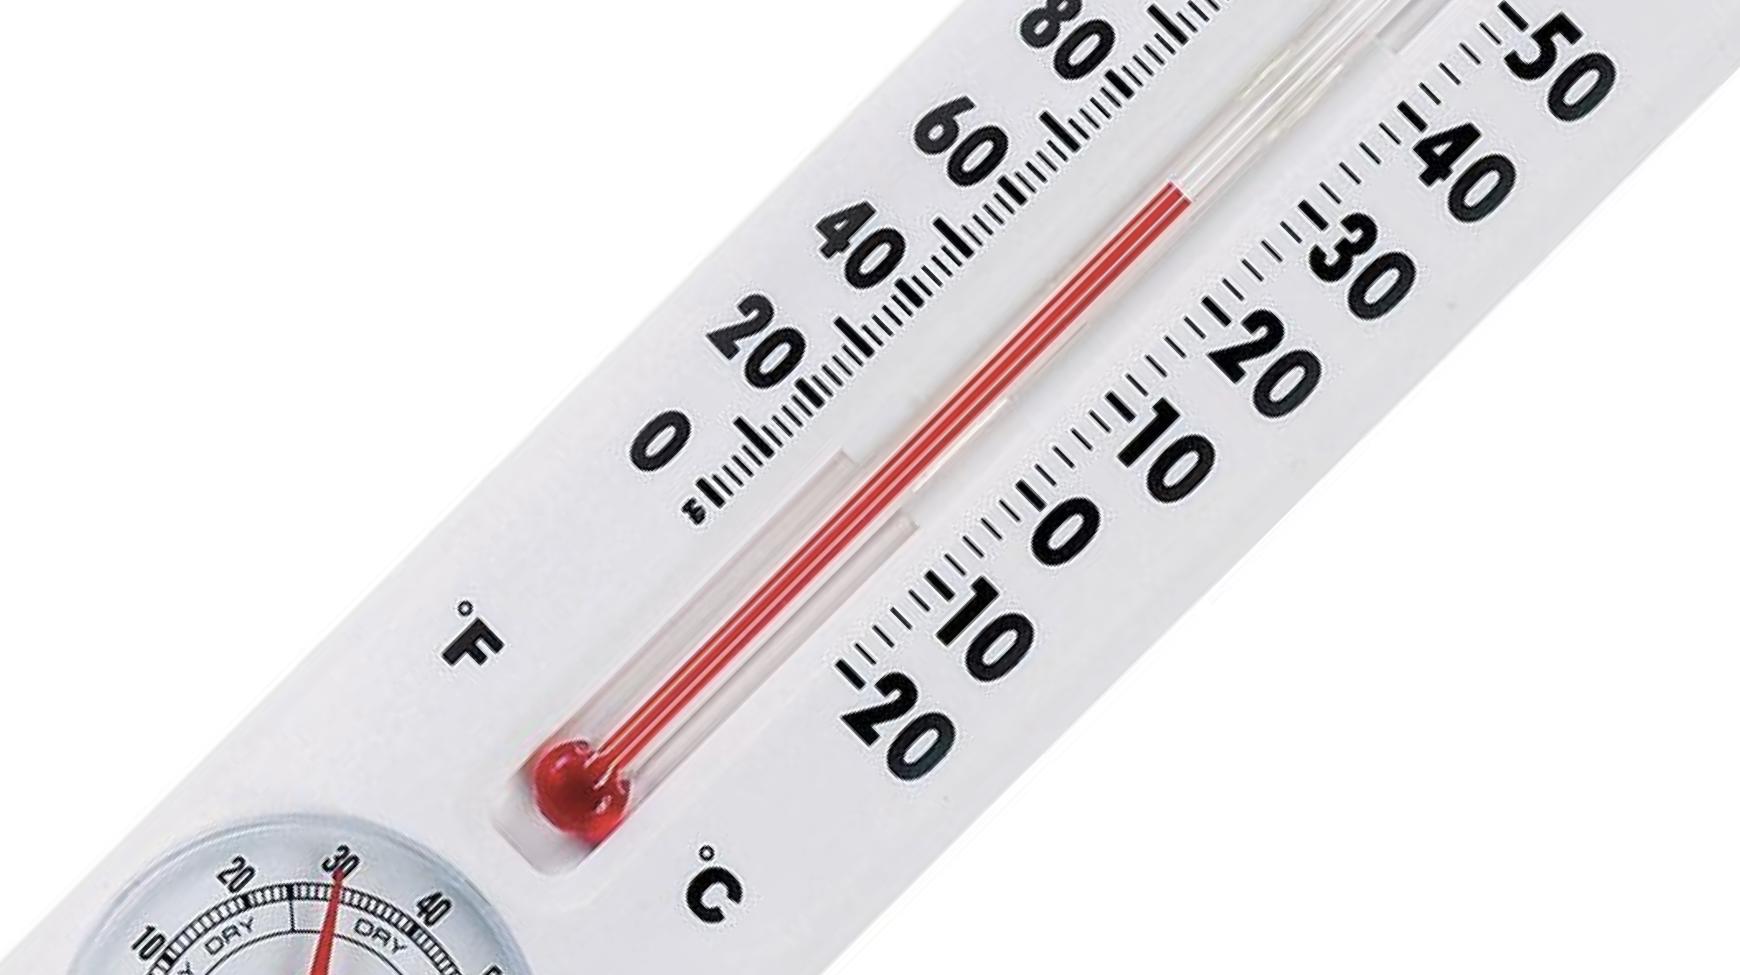 ¿Cómo se creó el termómetro?